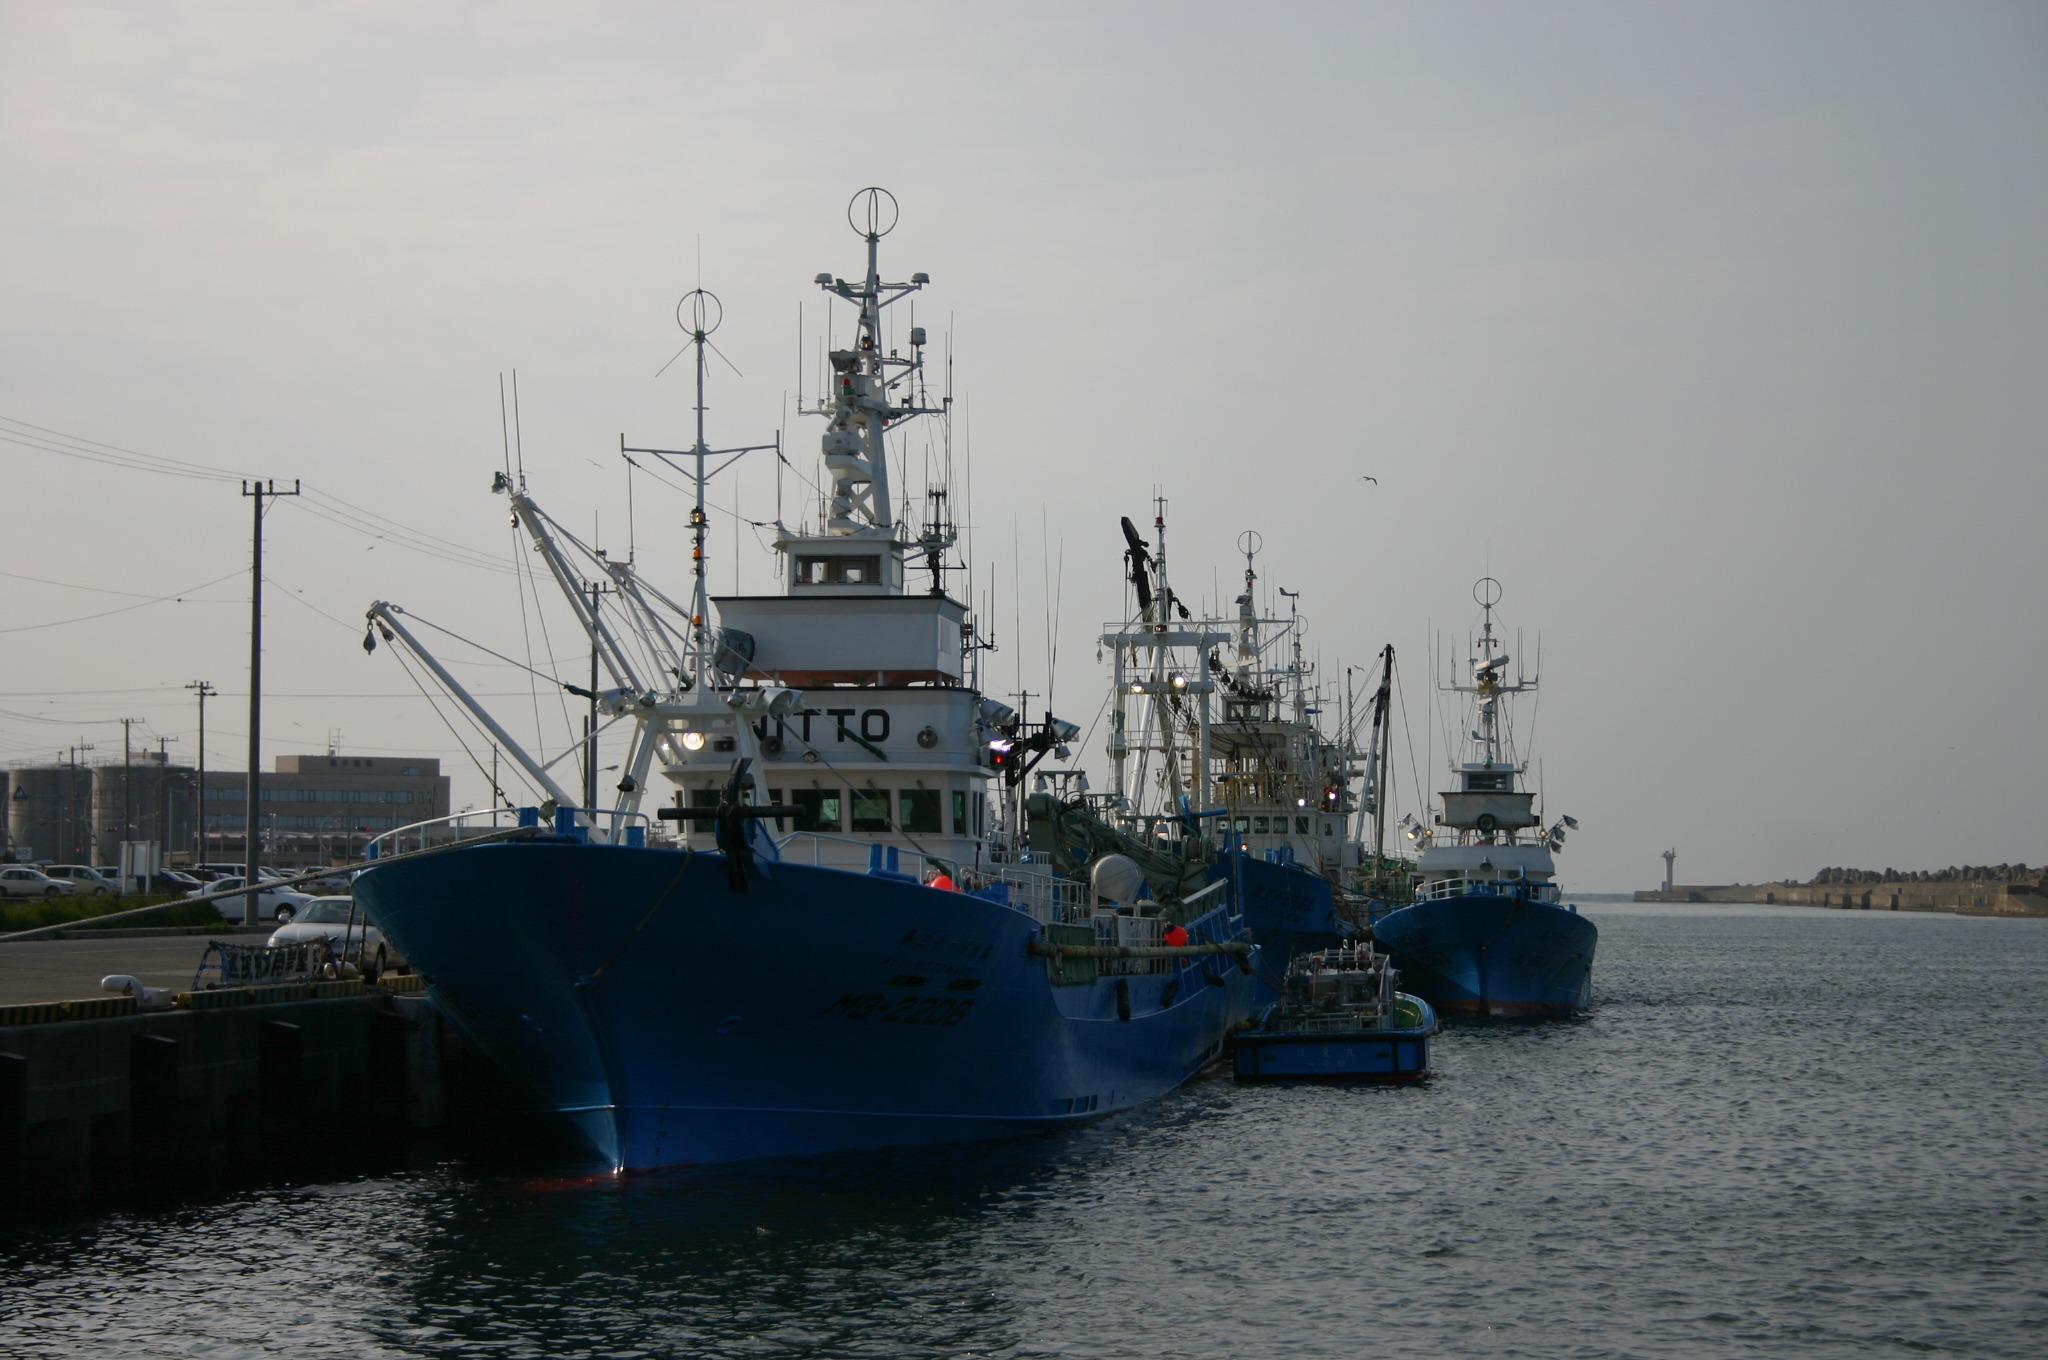 銚子市場付近の漁船